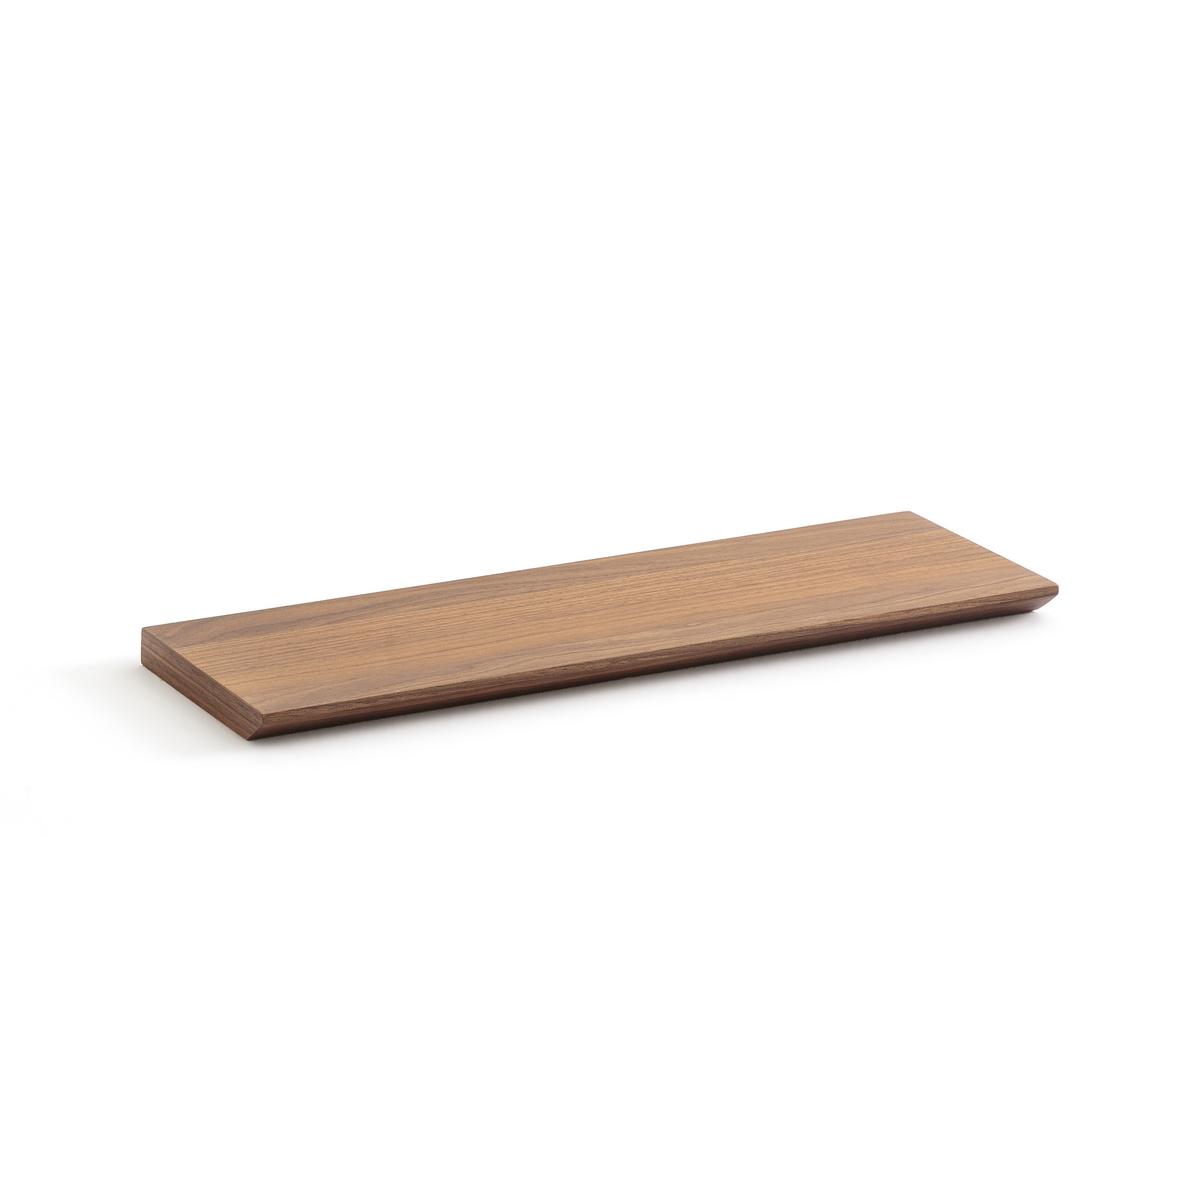 Этажерка L110 x P28 см из орехового дерева, Archivita этажерка l110 x p28 см из орехового дерева archivita